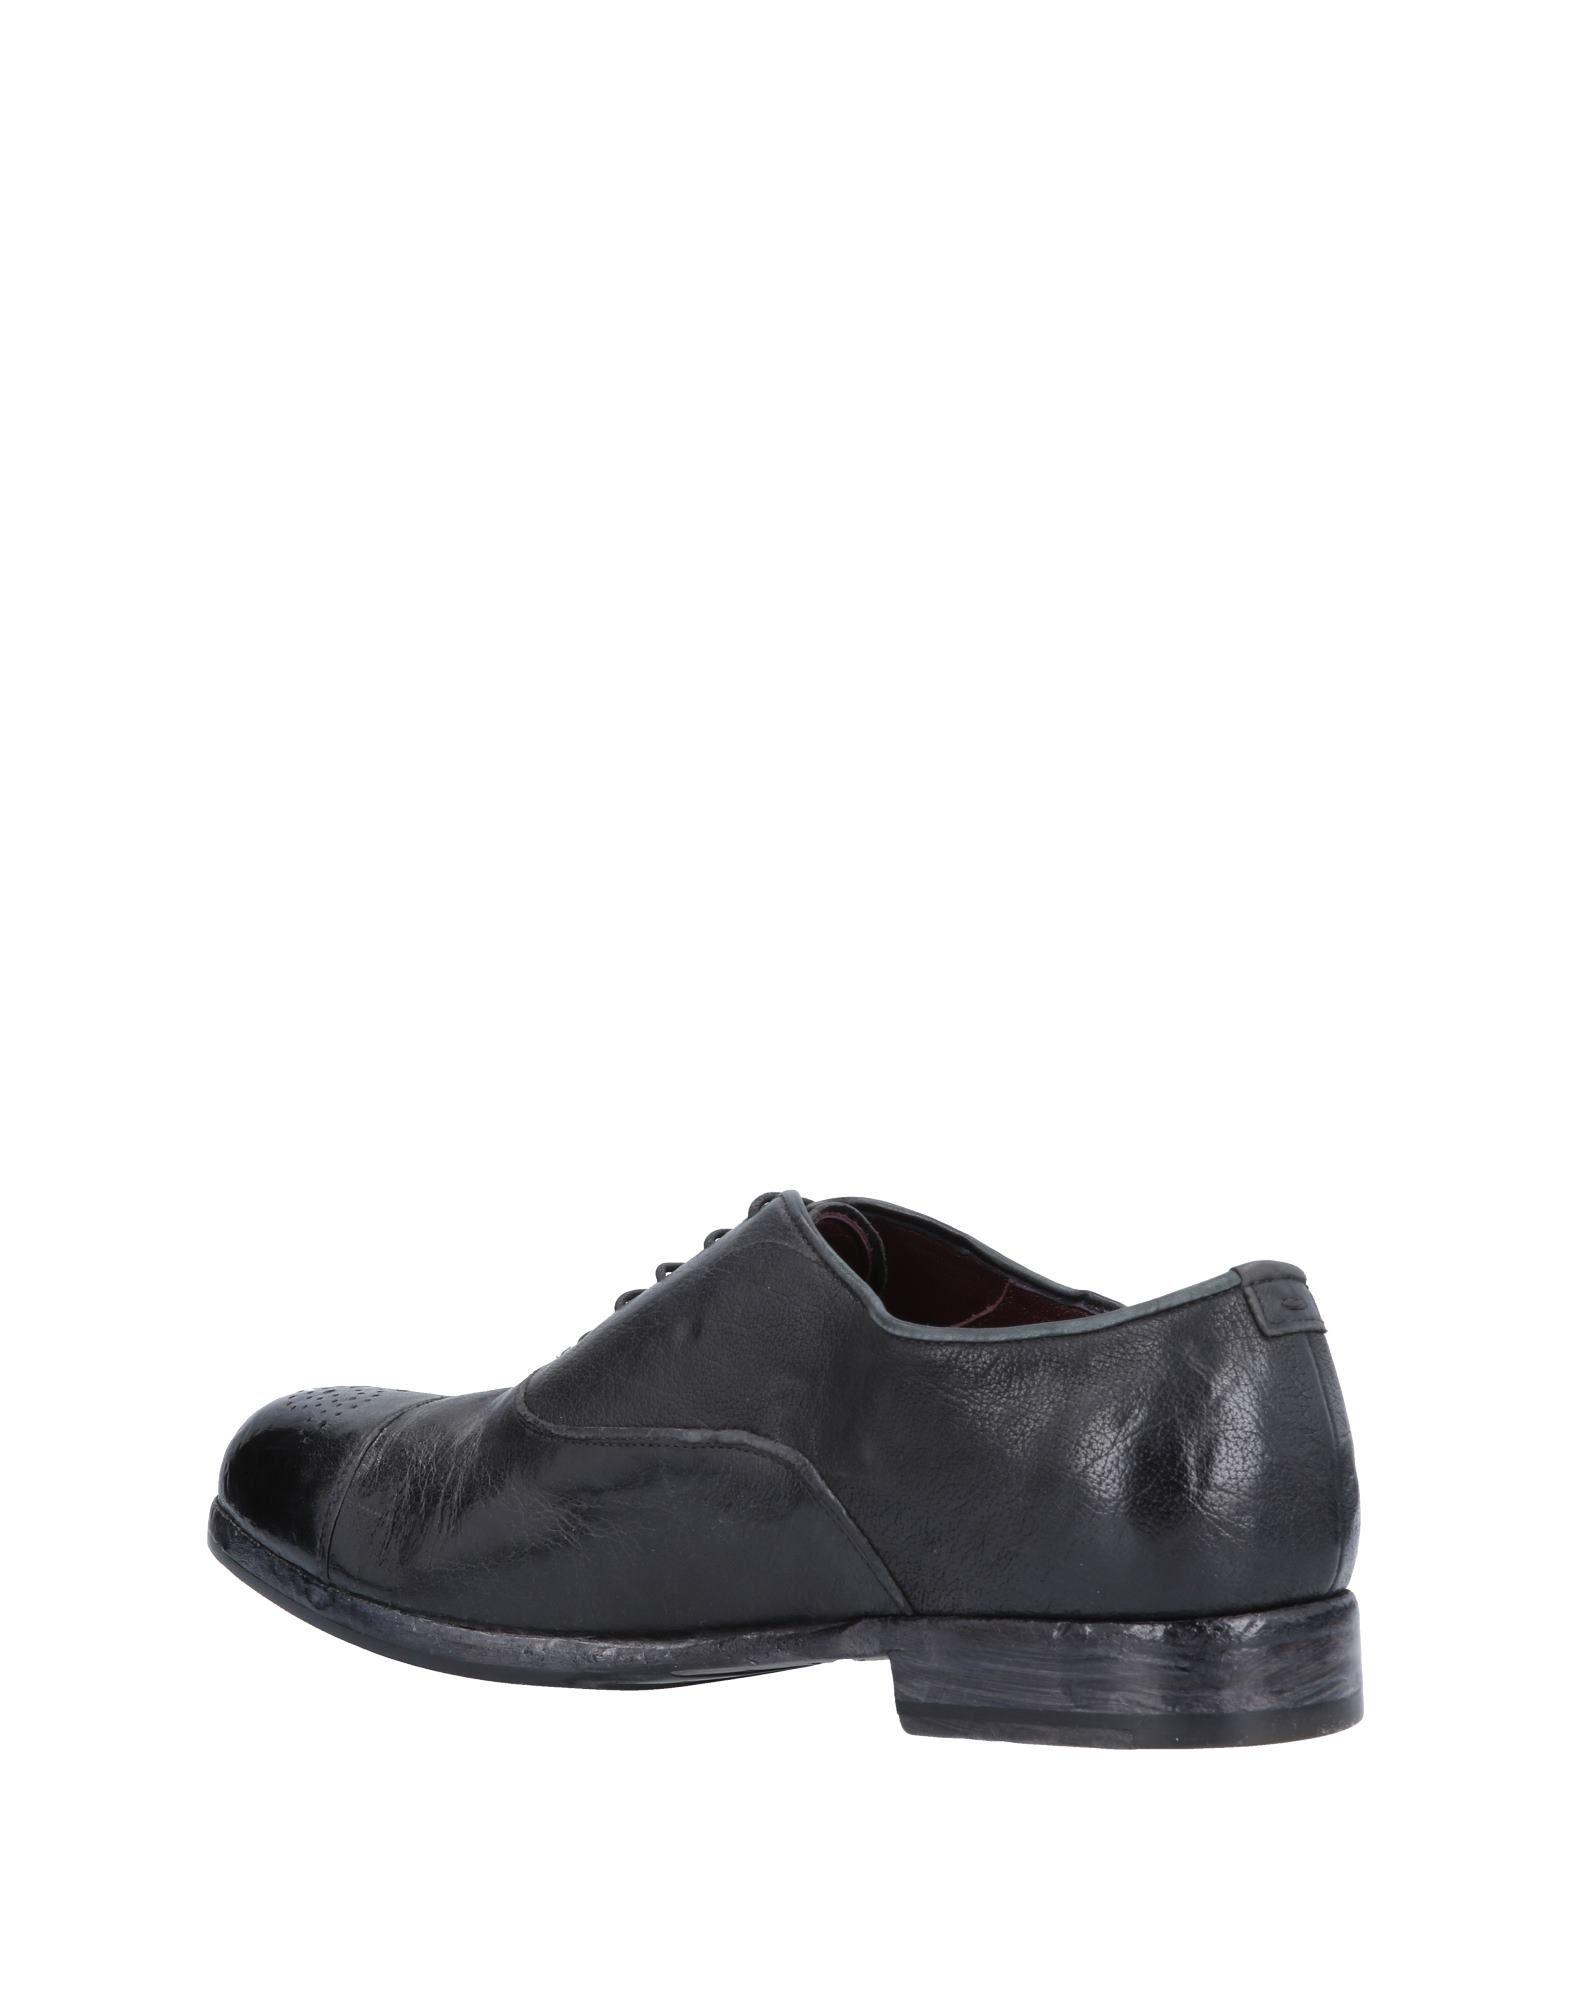 Lidfort Schnürschuhe Herren  11498742SF Gute Qualität beliebte Schuhe